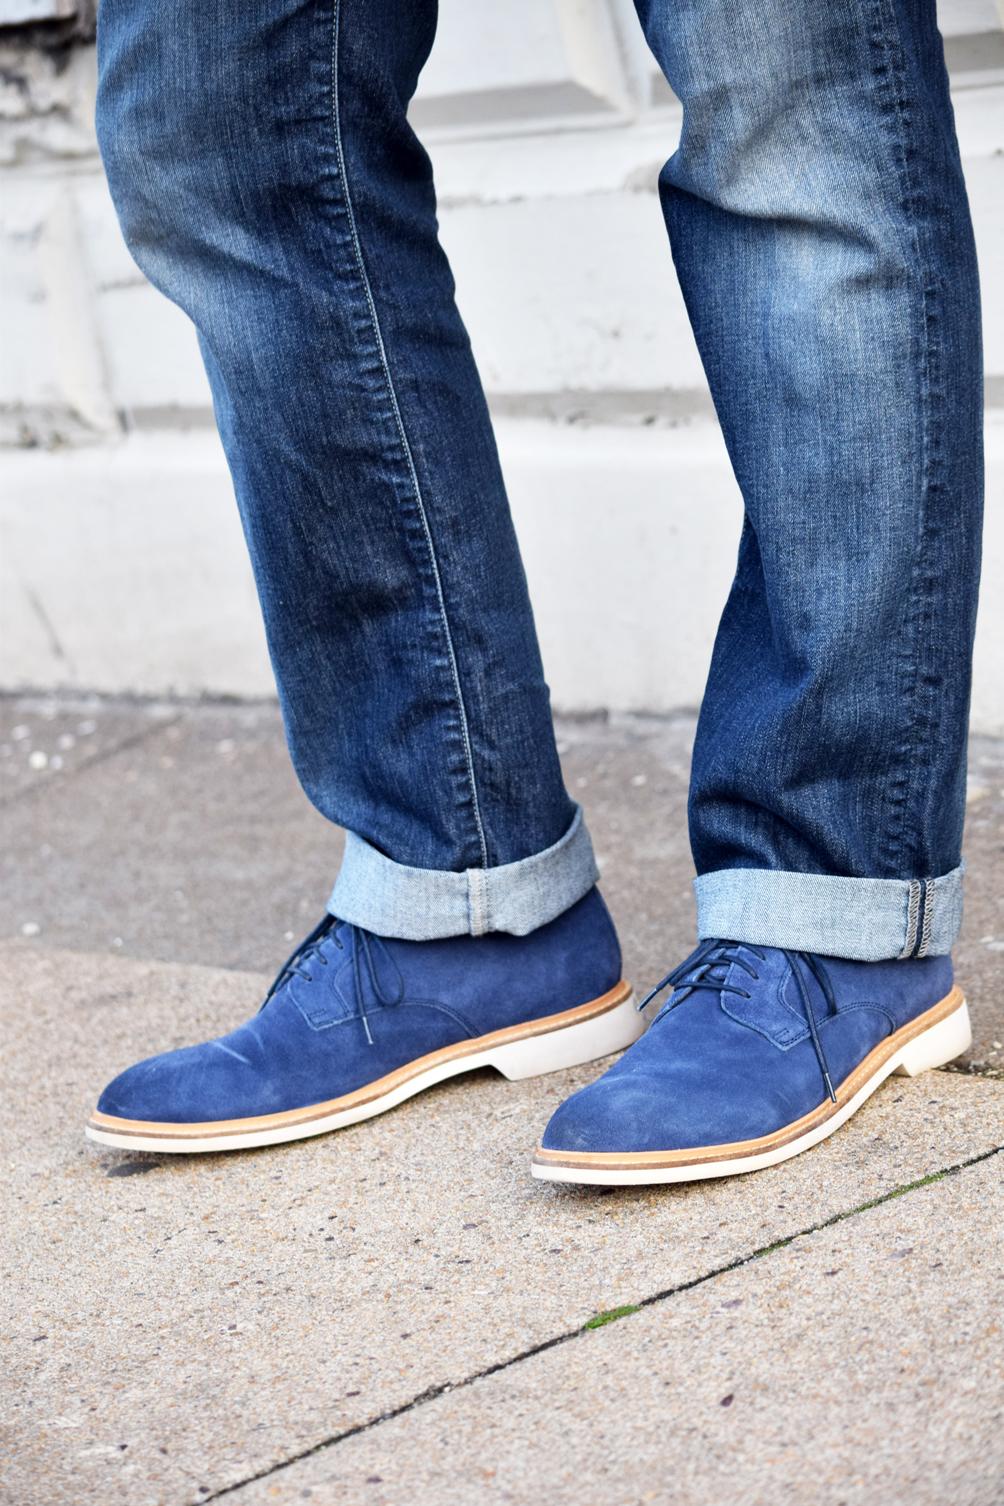 men's Cole Haan blue lace-up oxfords